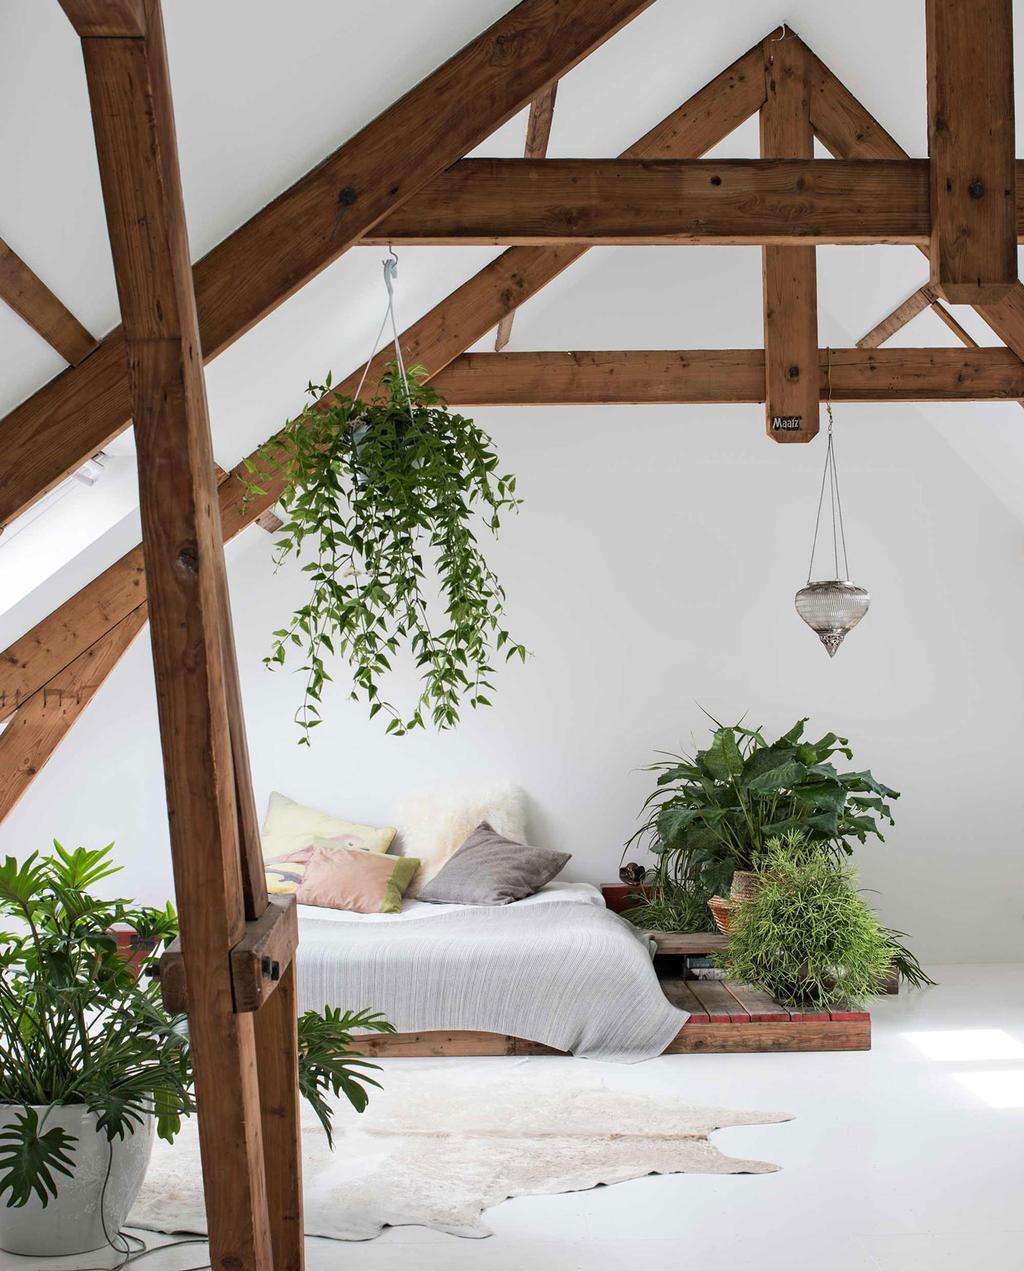 zolderkamer met zichtbare balken en bed op pallets